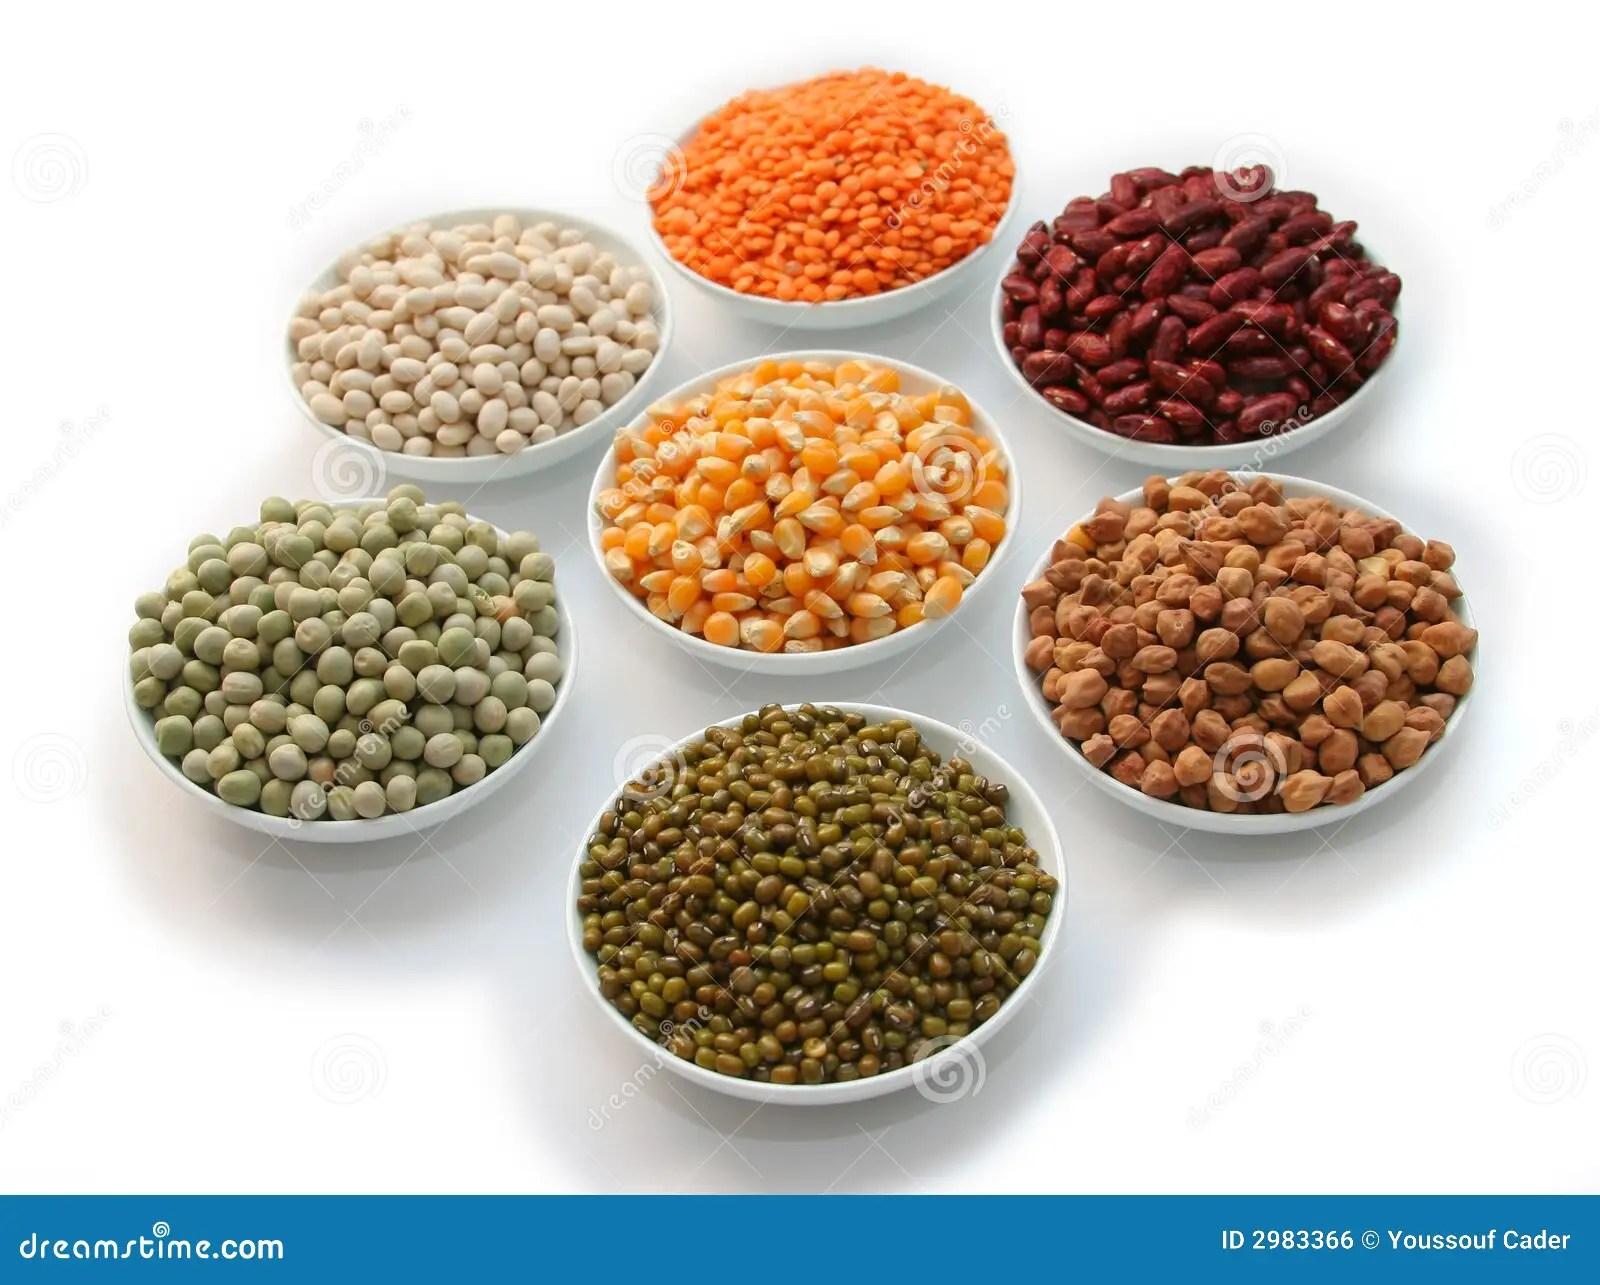 Grains Stock Photo Image Of Arrangement Lentils